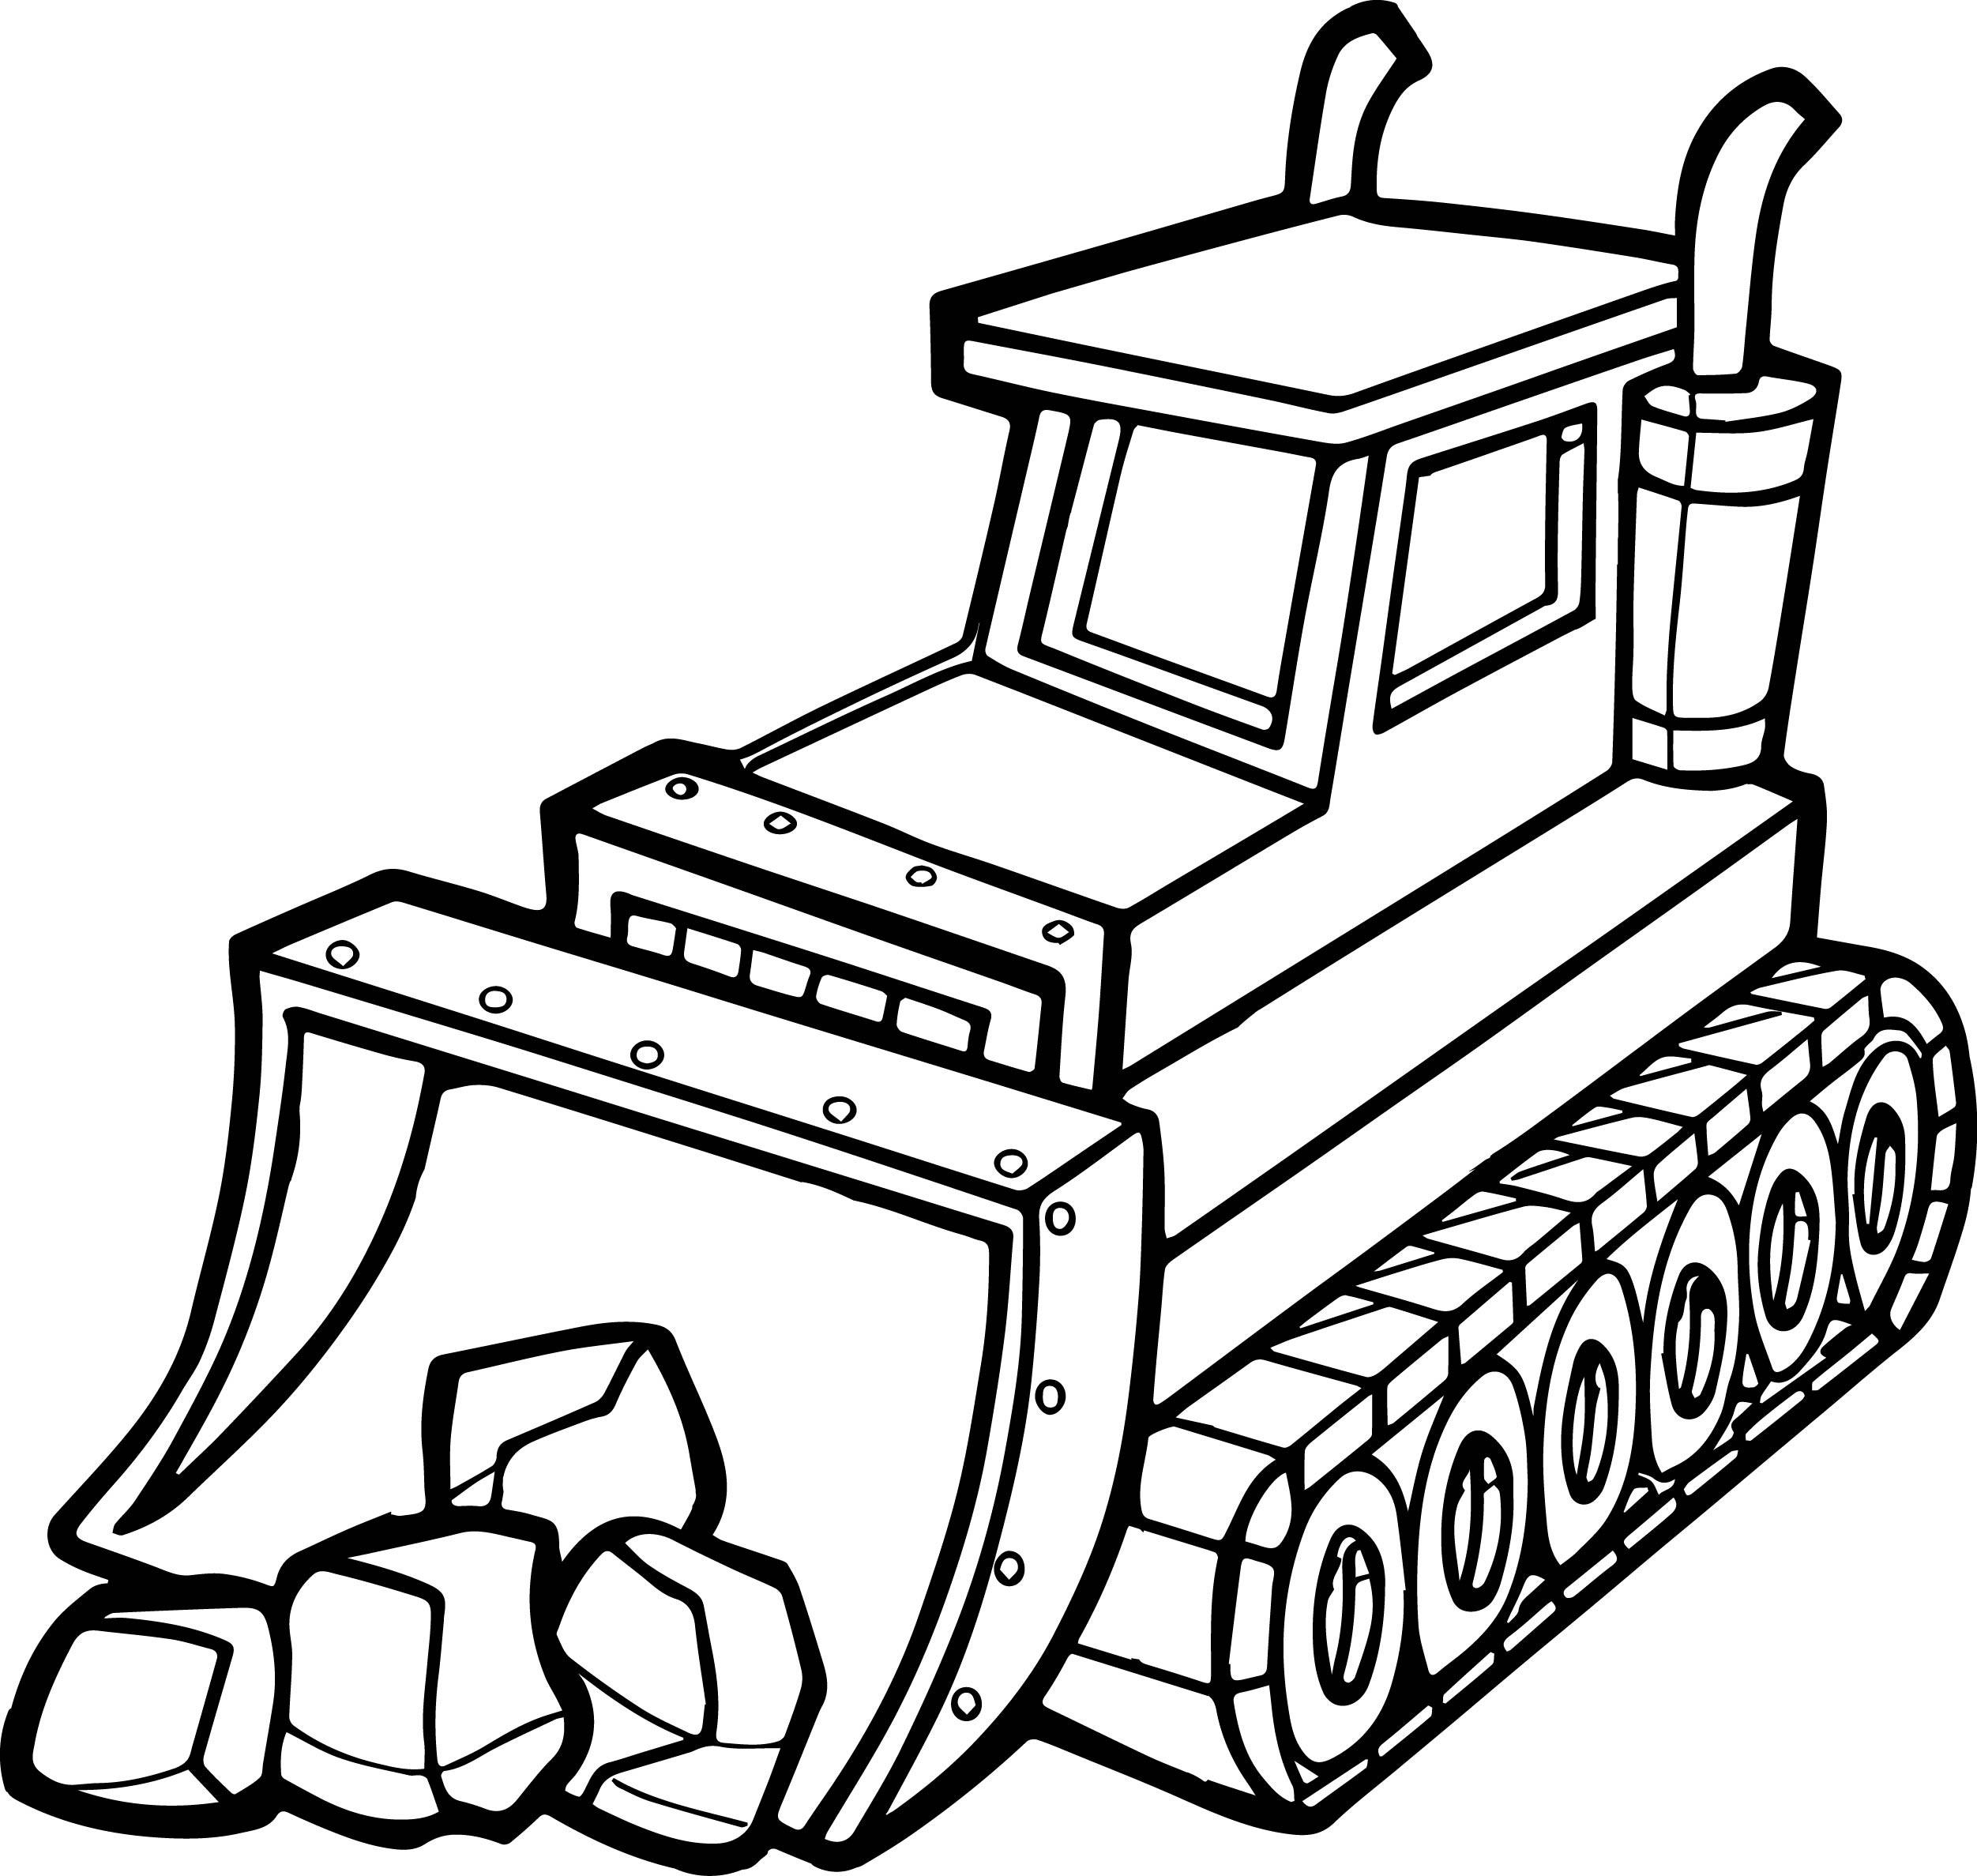 Construction Tools Drawing At Getdrawings